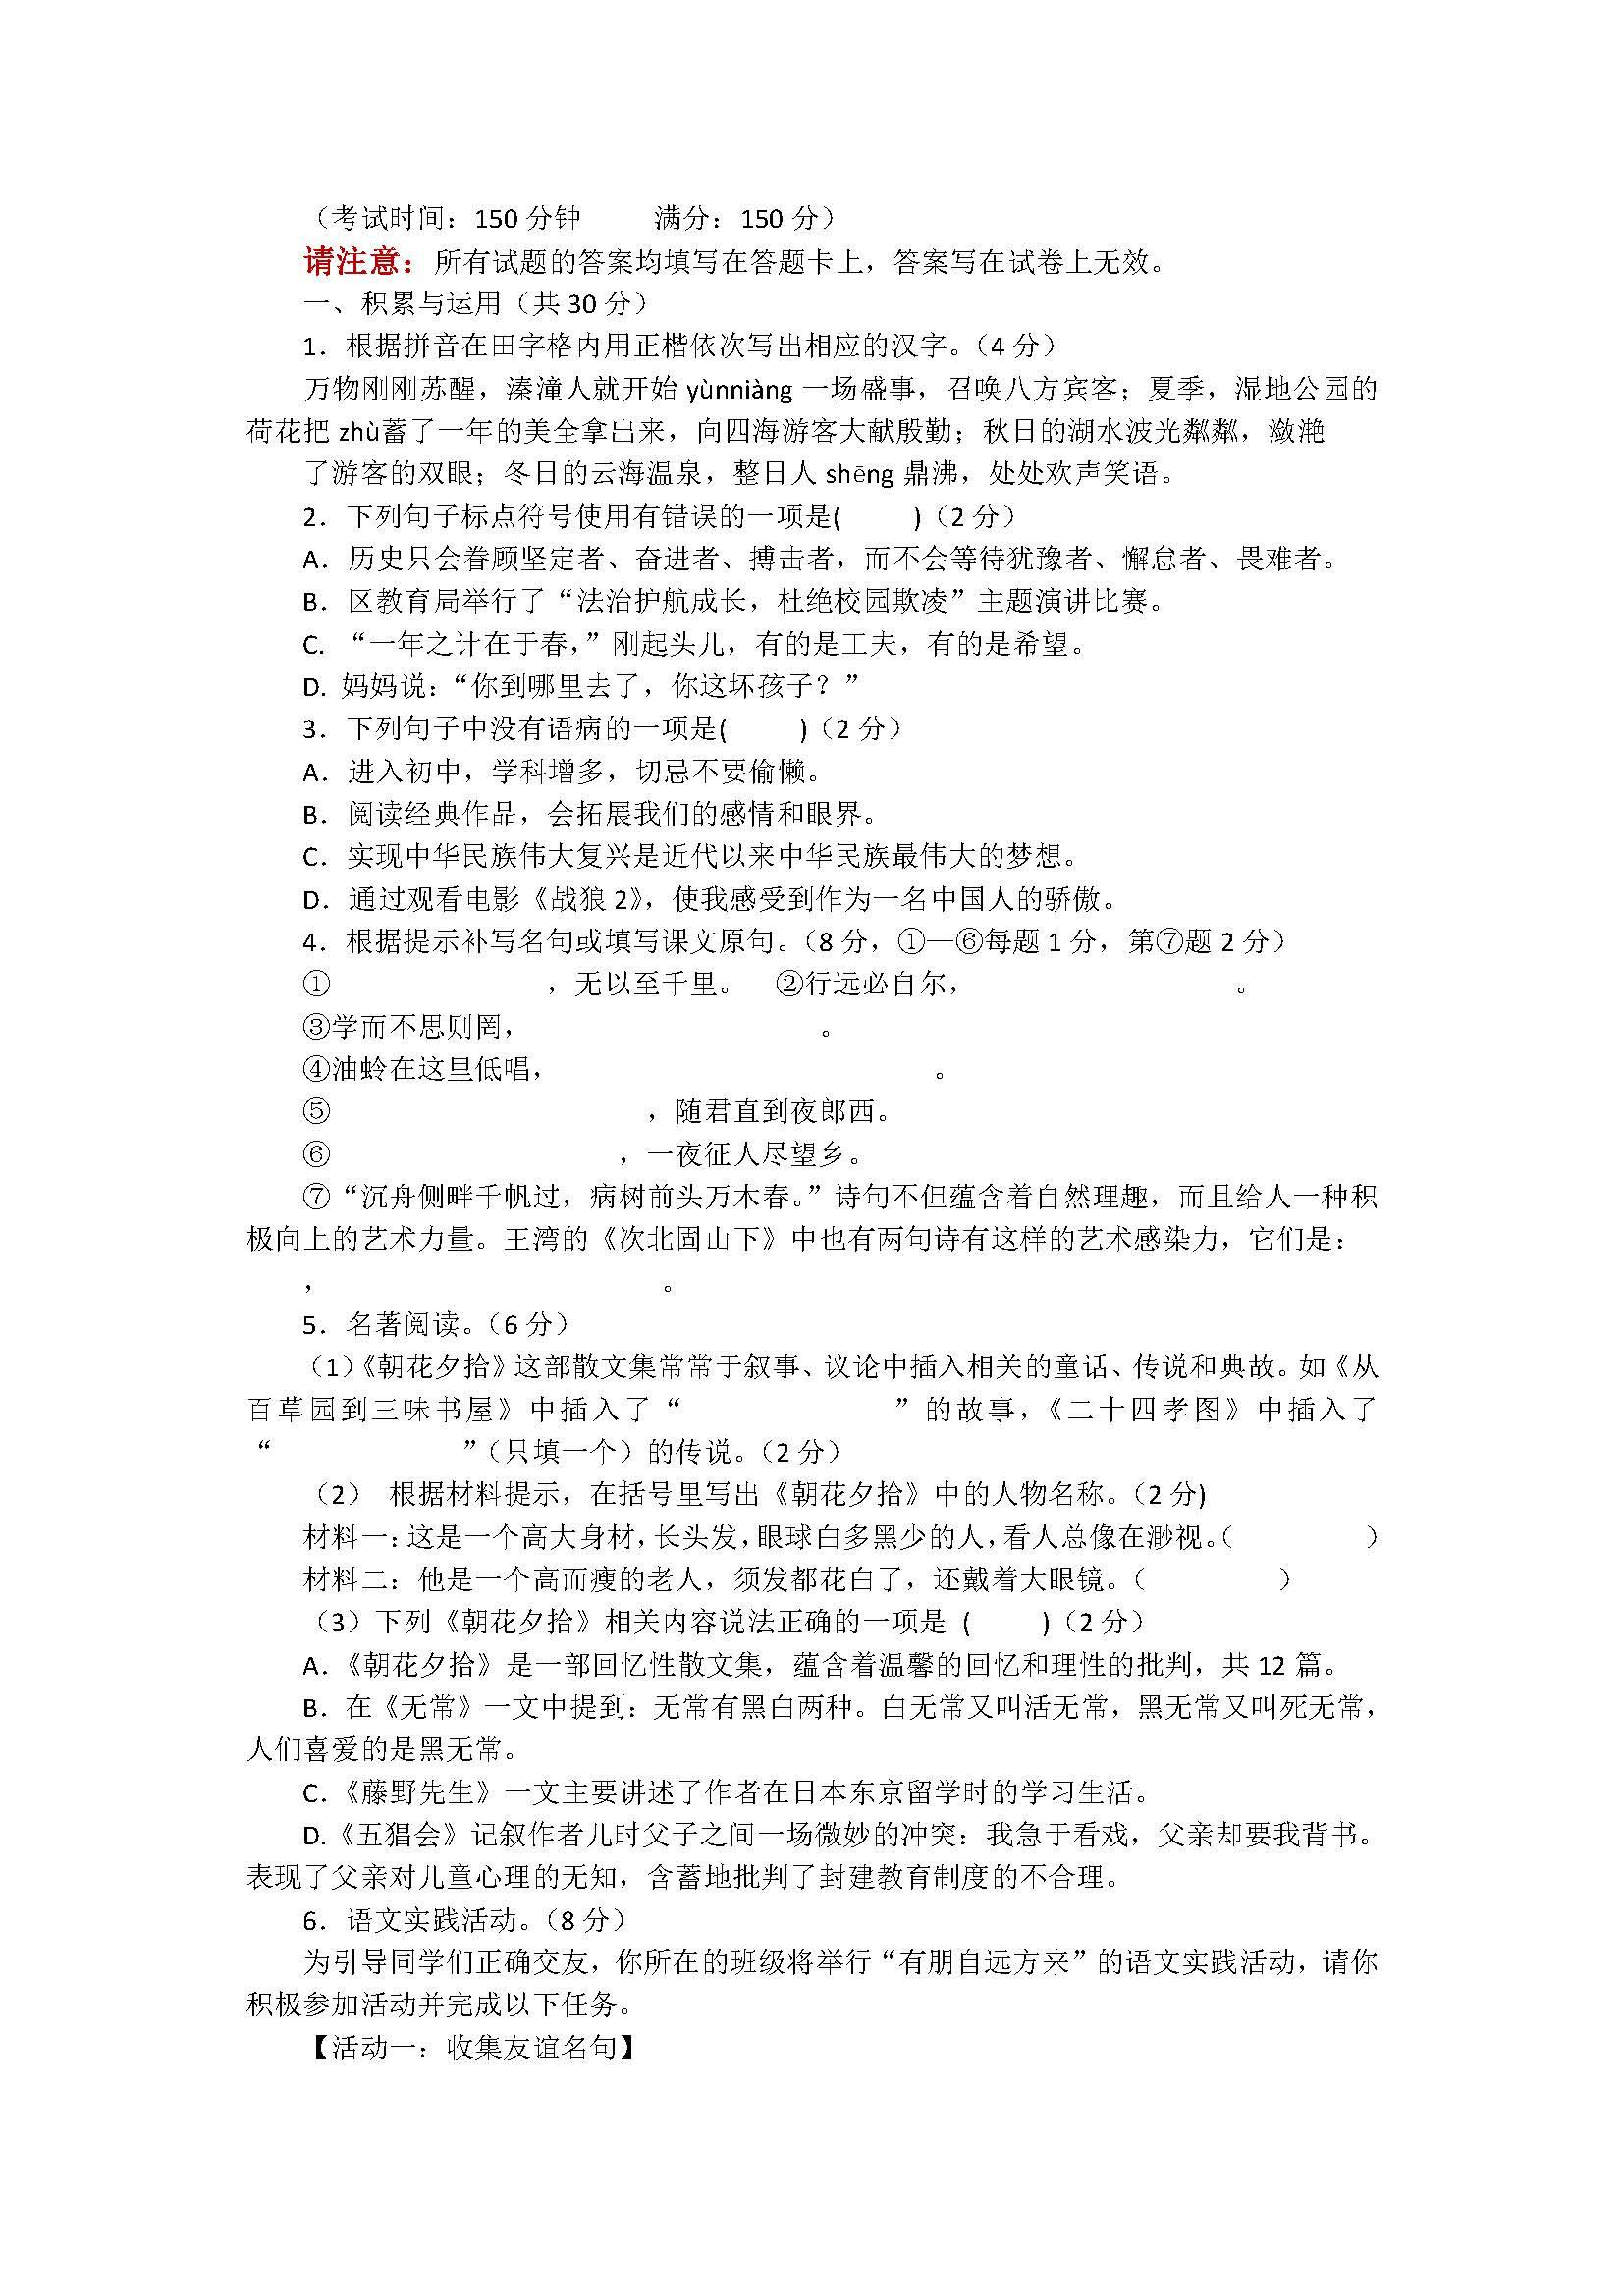 2018七年级语文上册期中测试题附答案(江苏省姜堰区)